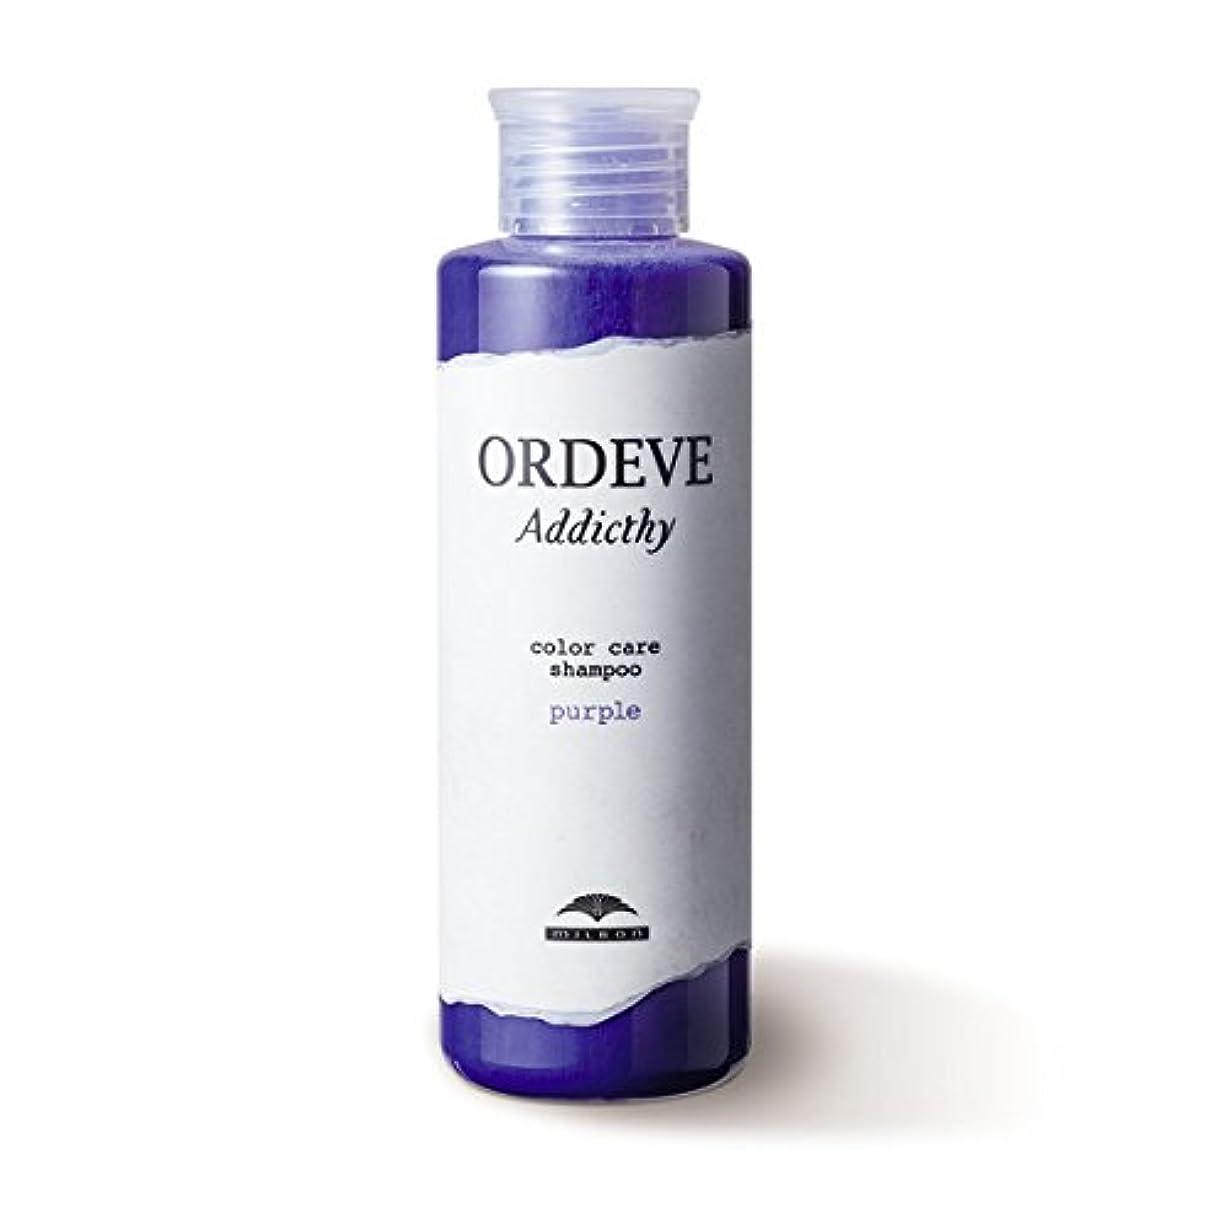 提供する物足りない珍しいミルボン オルディーブ アディクシー カラーケア シャンプー パープル 180ml【ORDEVE Addicthy】